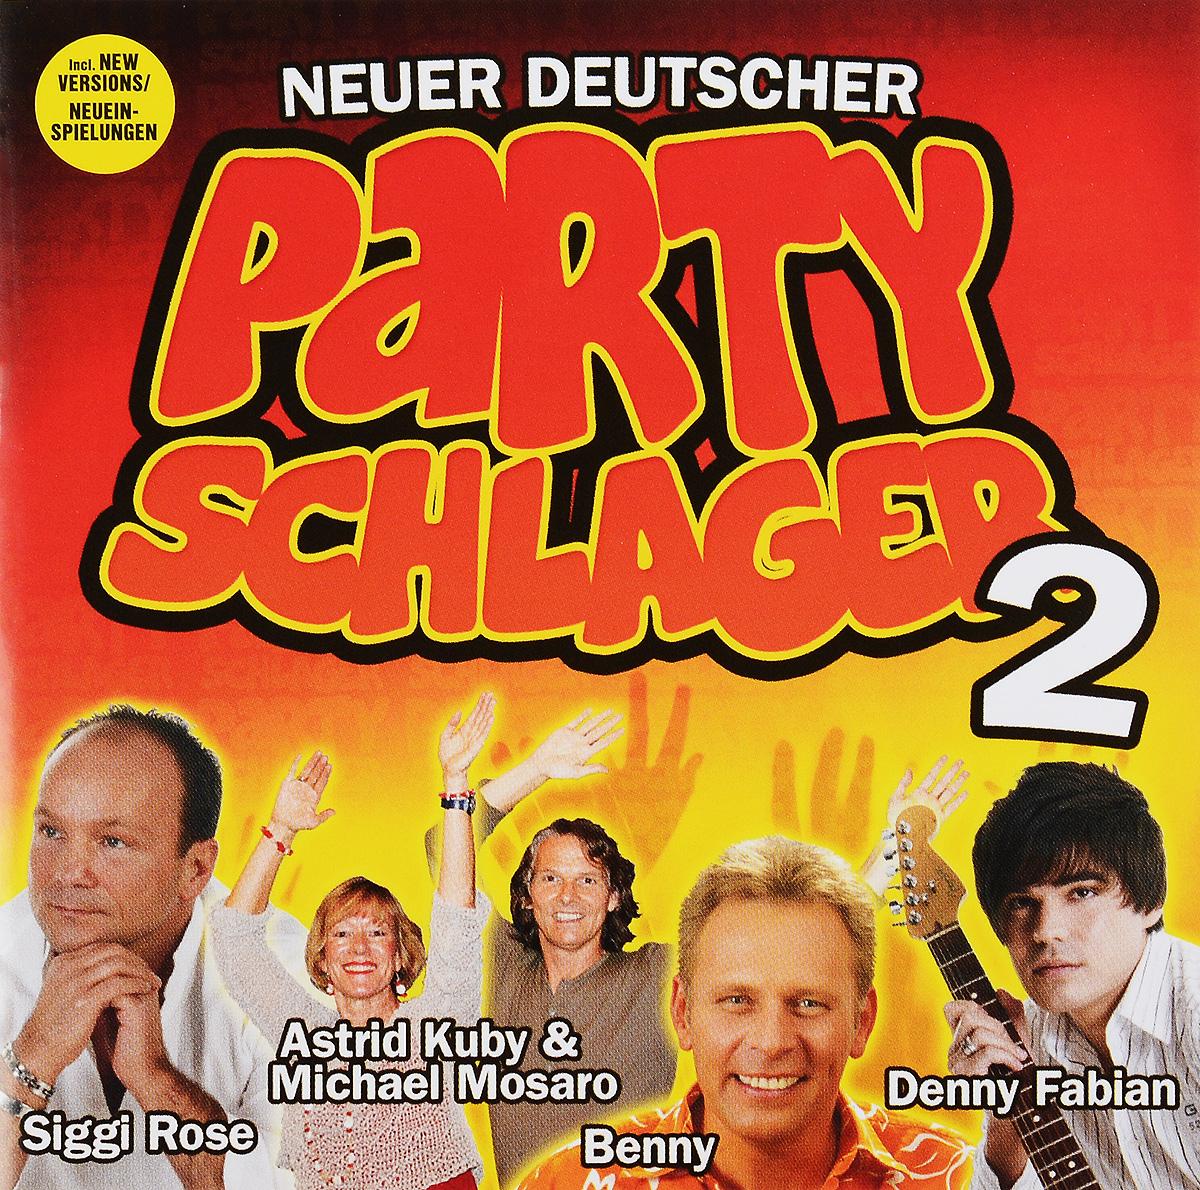 Neuer Deutscher. Party Schlager (2 CD)